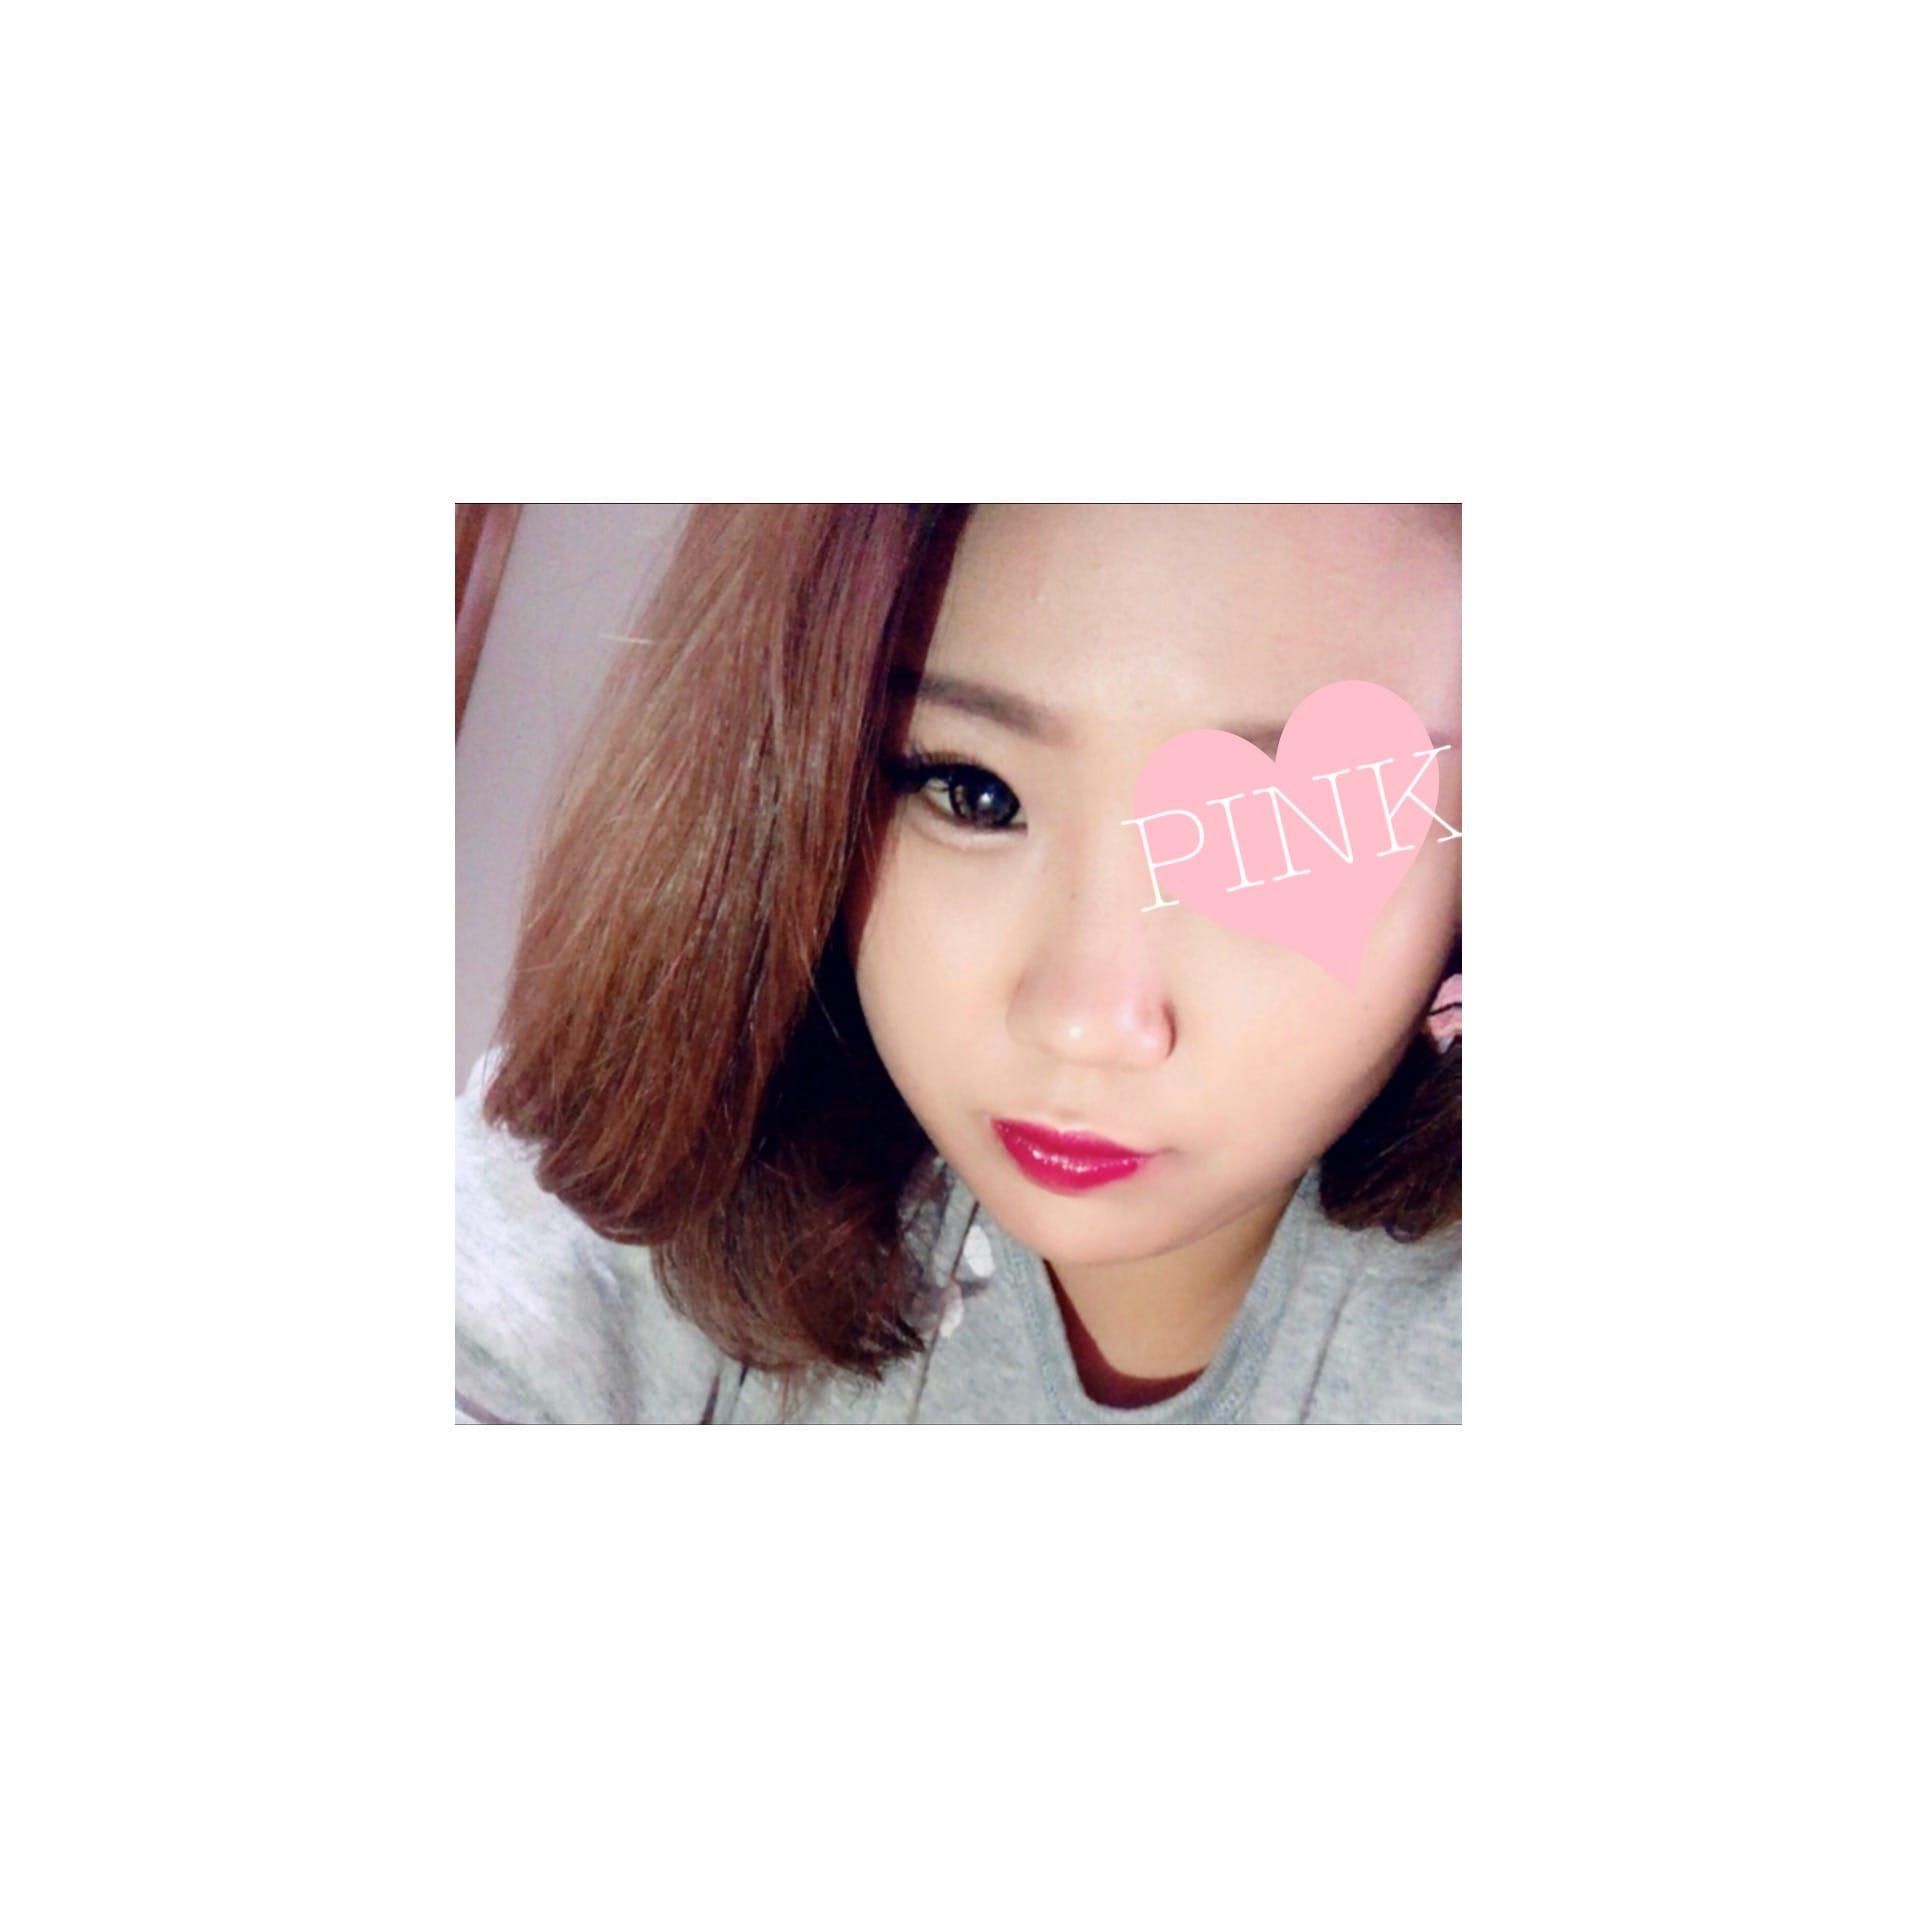 ぴんく「おはよん」02/24(土) 11:55 | ぴんくの写メ・風俗動画